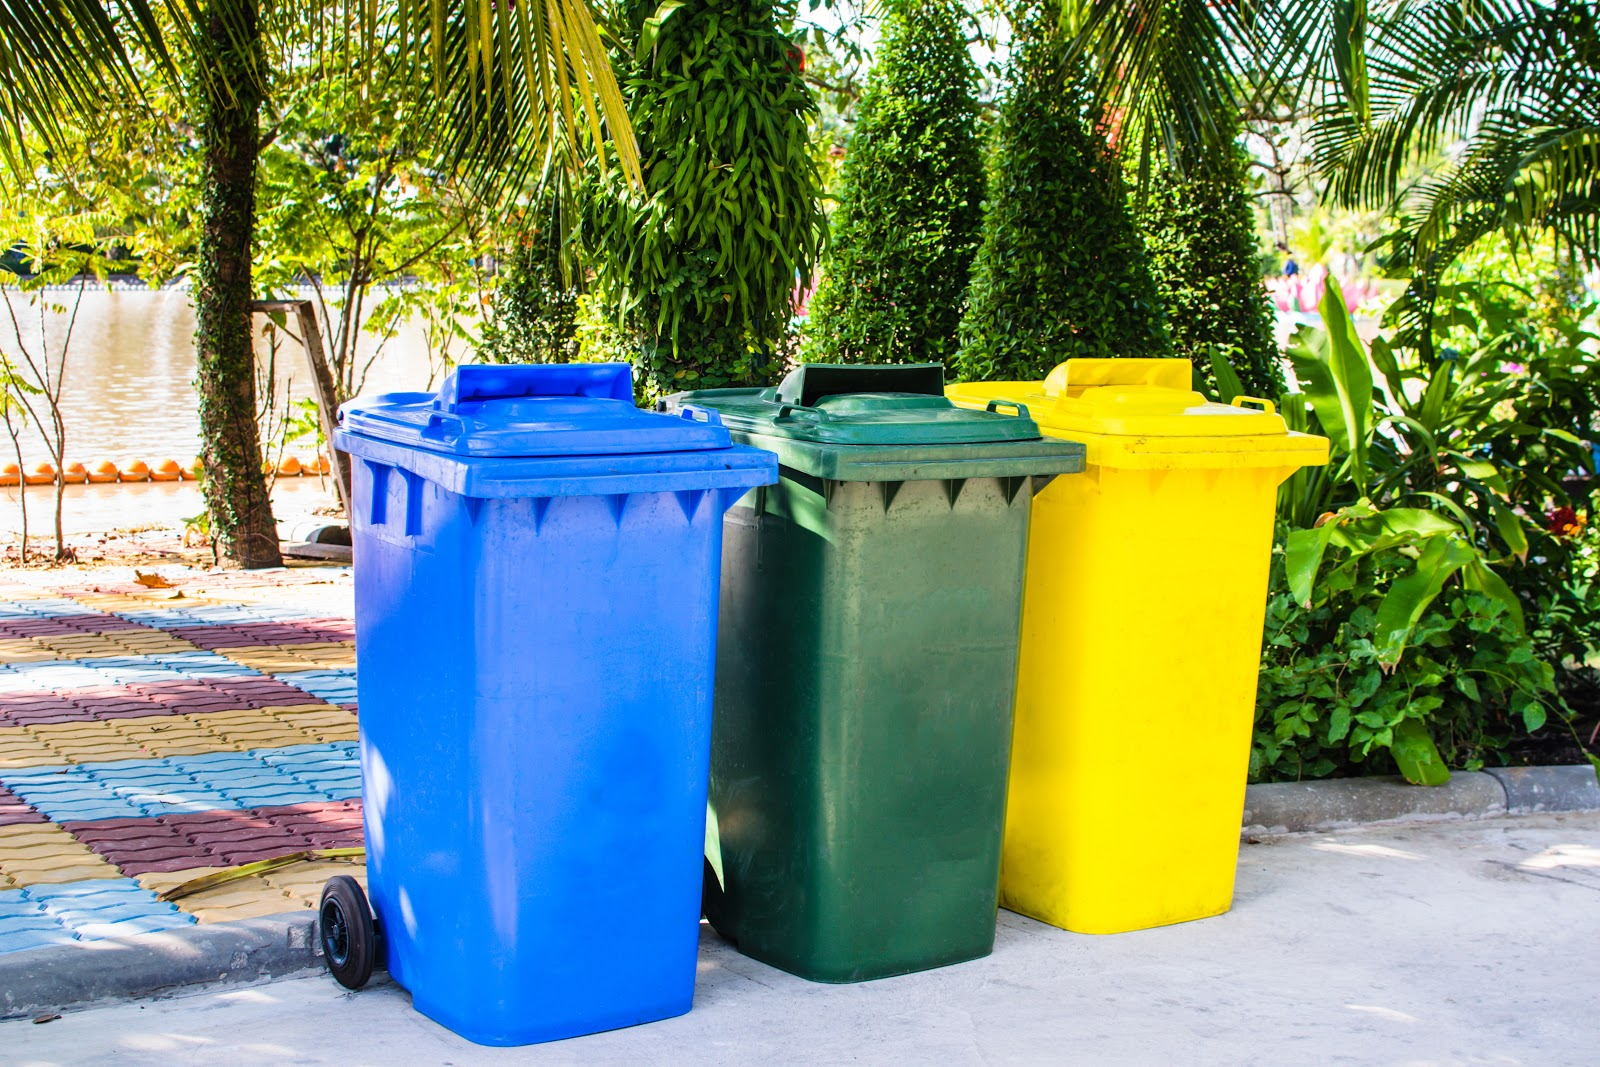 Sistemas de tratamiento de residuos sólidos urbanos más utilizados